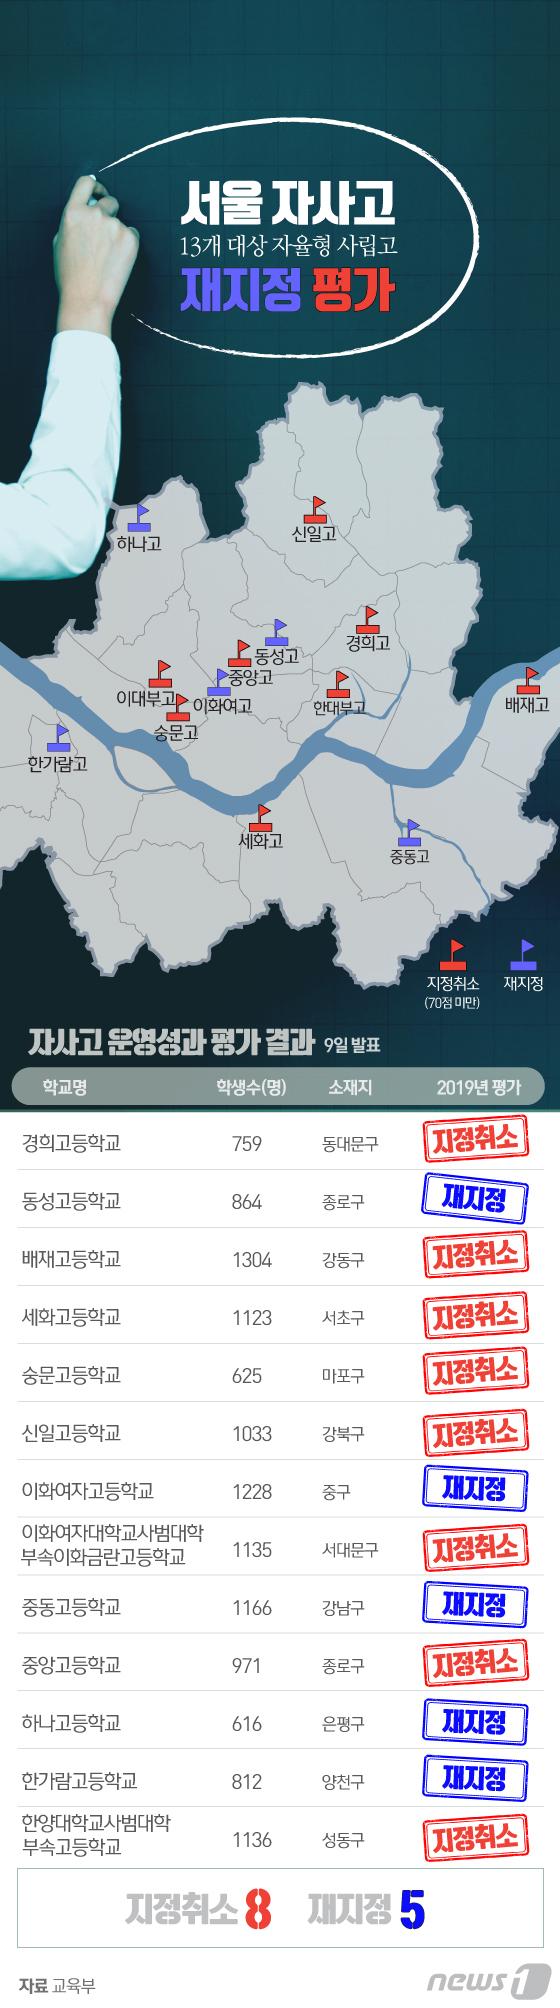 [그래픽뉴스] 서울 자사고 재지정 평가 결과